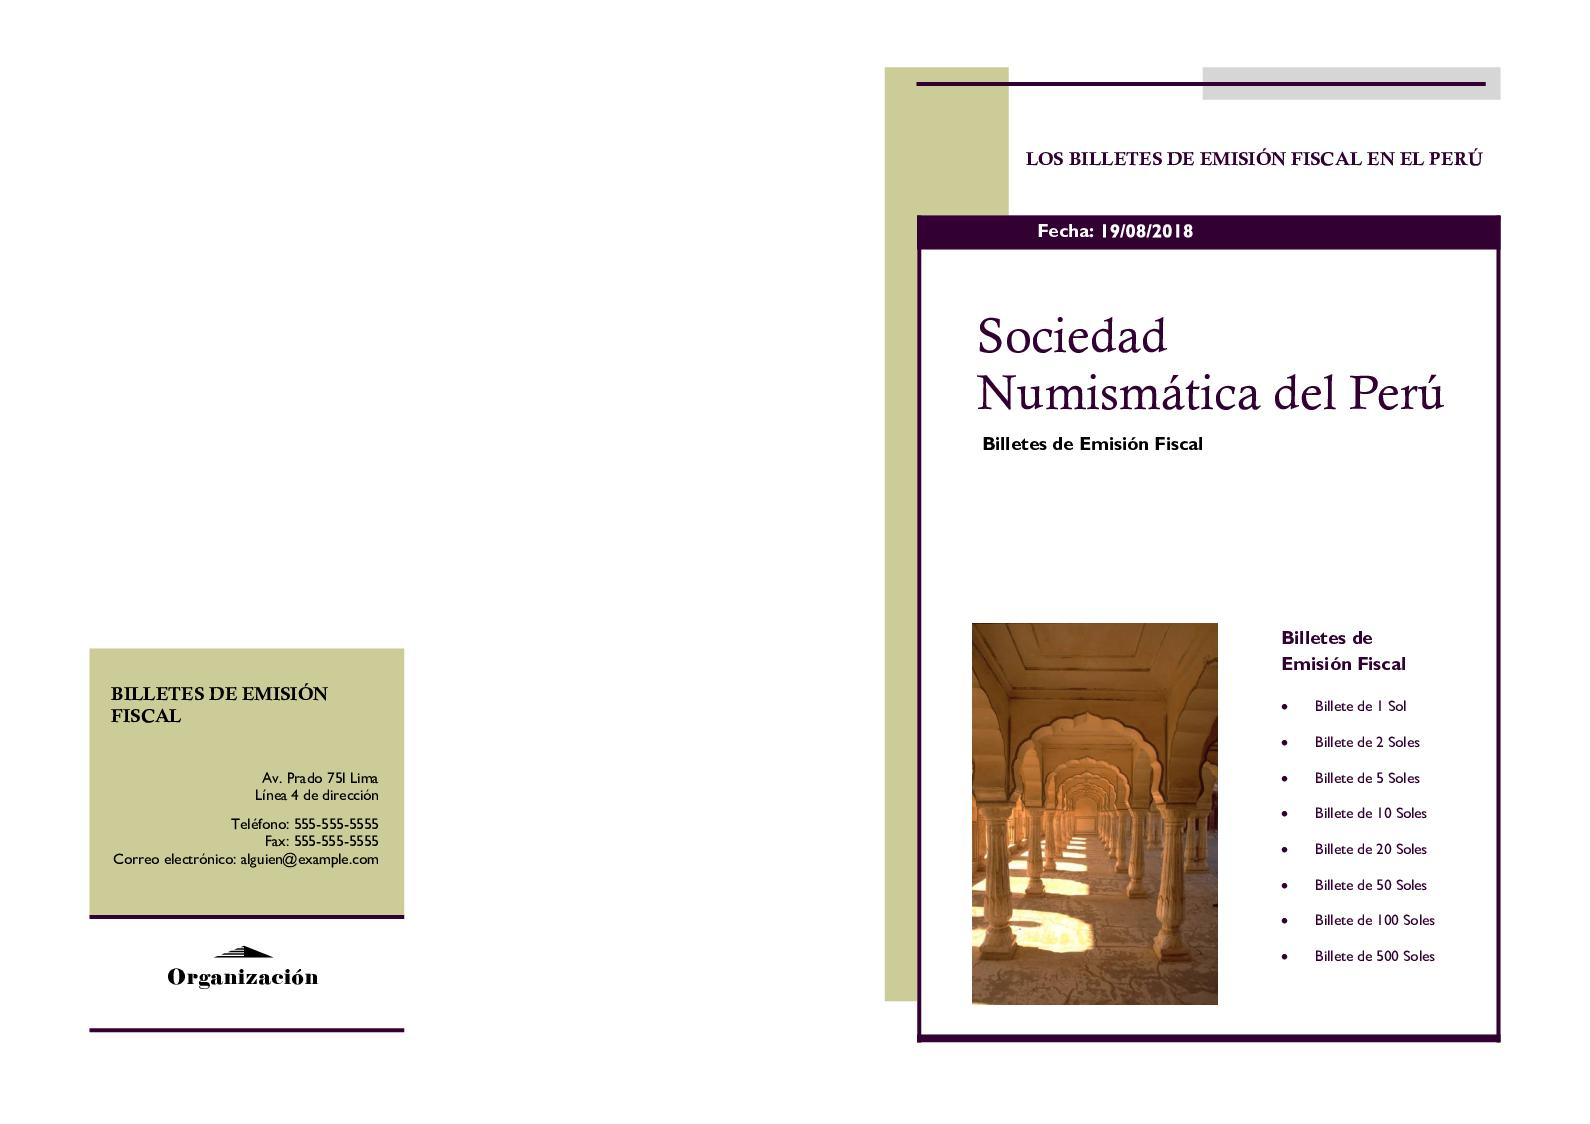 Sociedad Numismática Del Perú